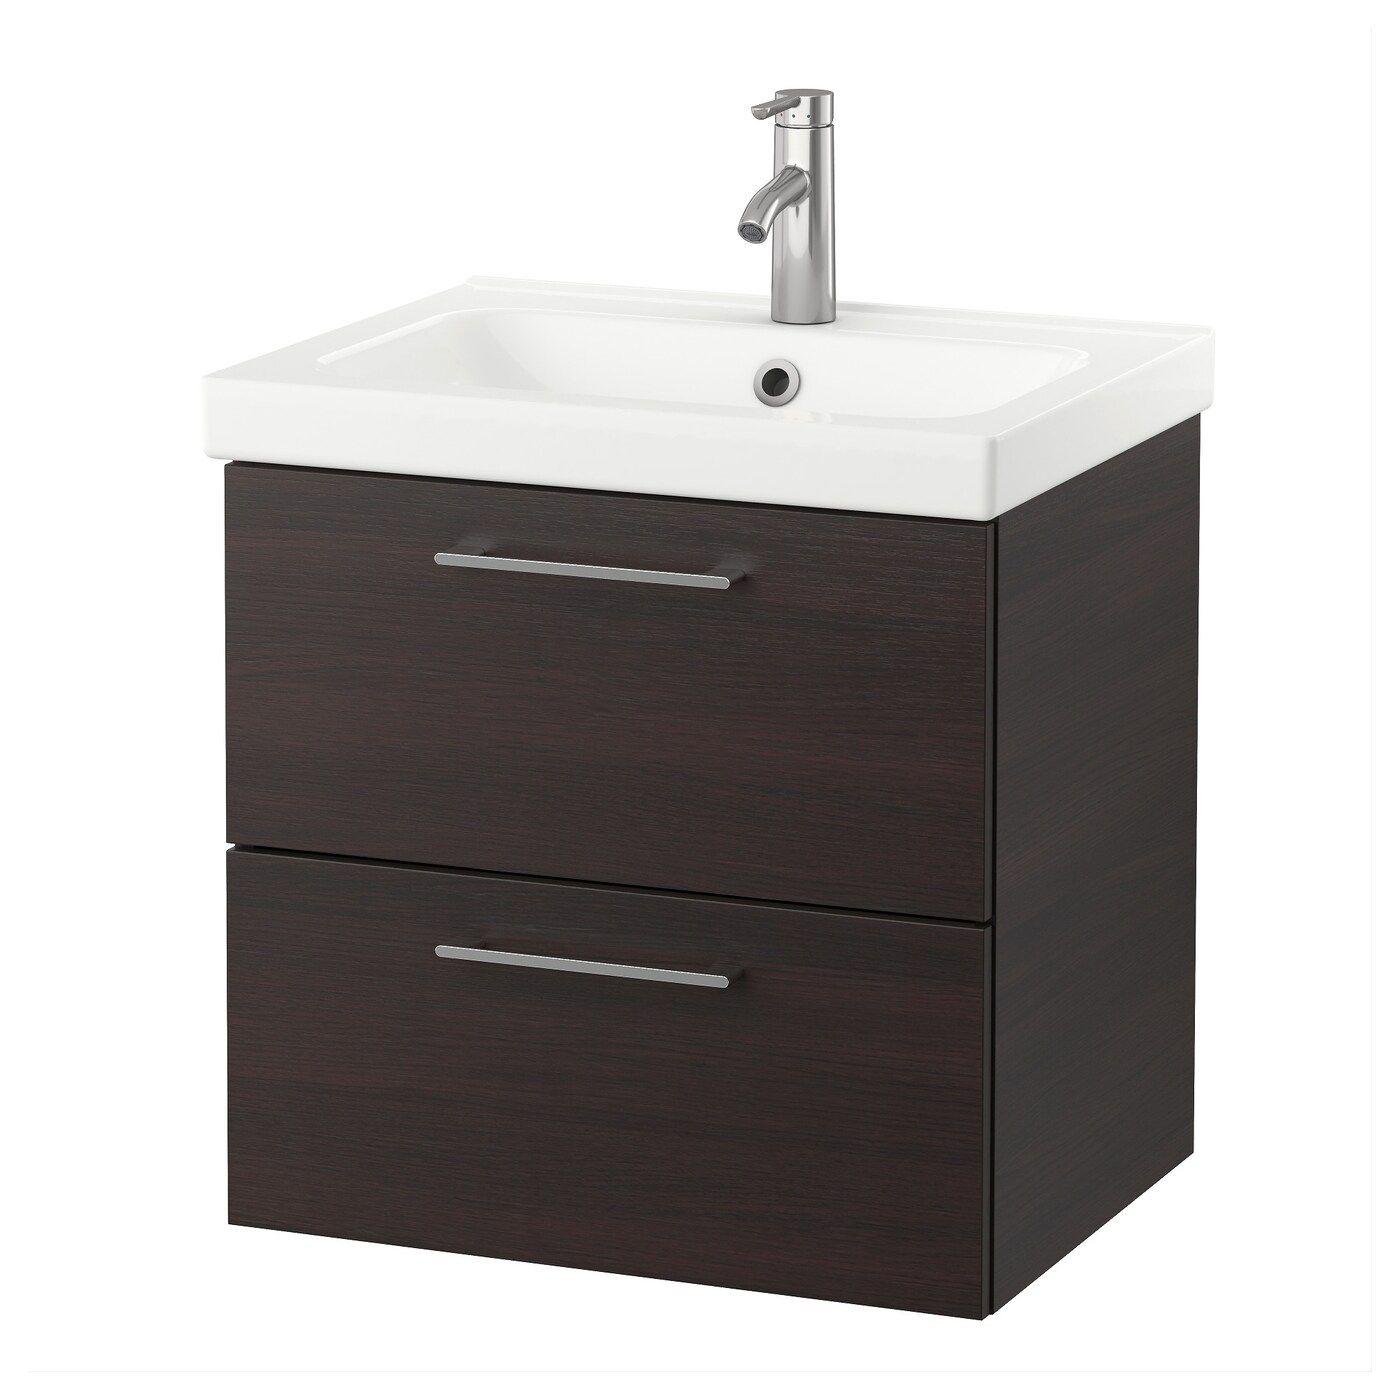 Godmorgon Odensvik Waschbeckenschrank 2 Schubl Schwarzbraun Waschbeckenschrank Tolle Badezimmer Und Ikea Godmorgon